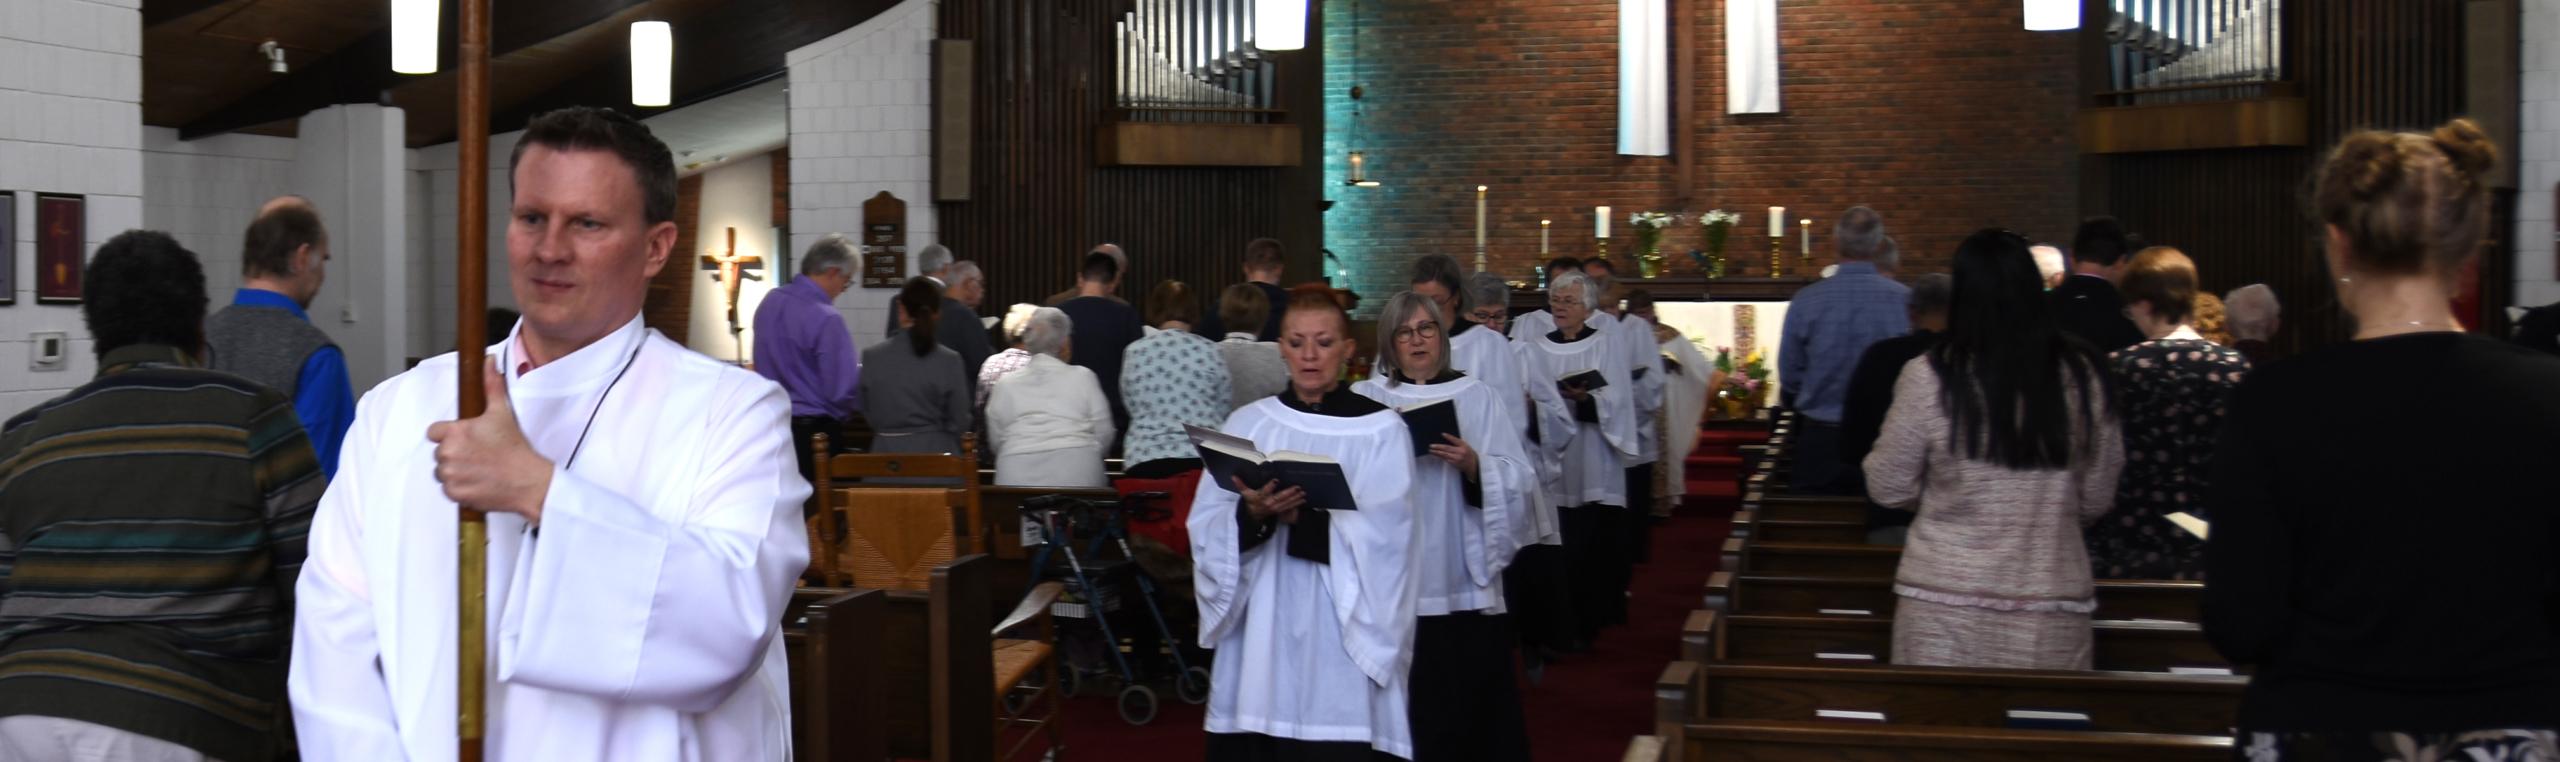 Photo: Choir recessing